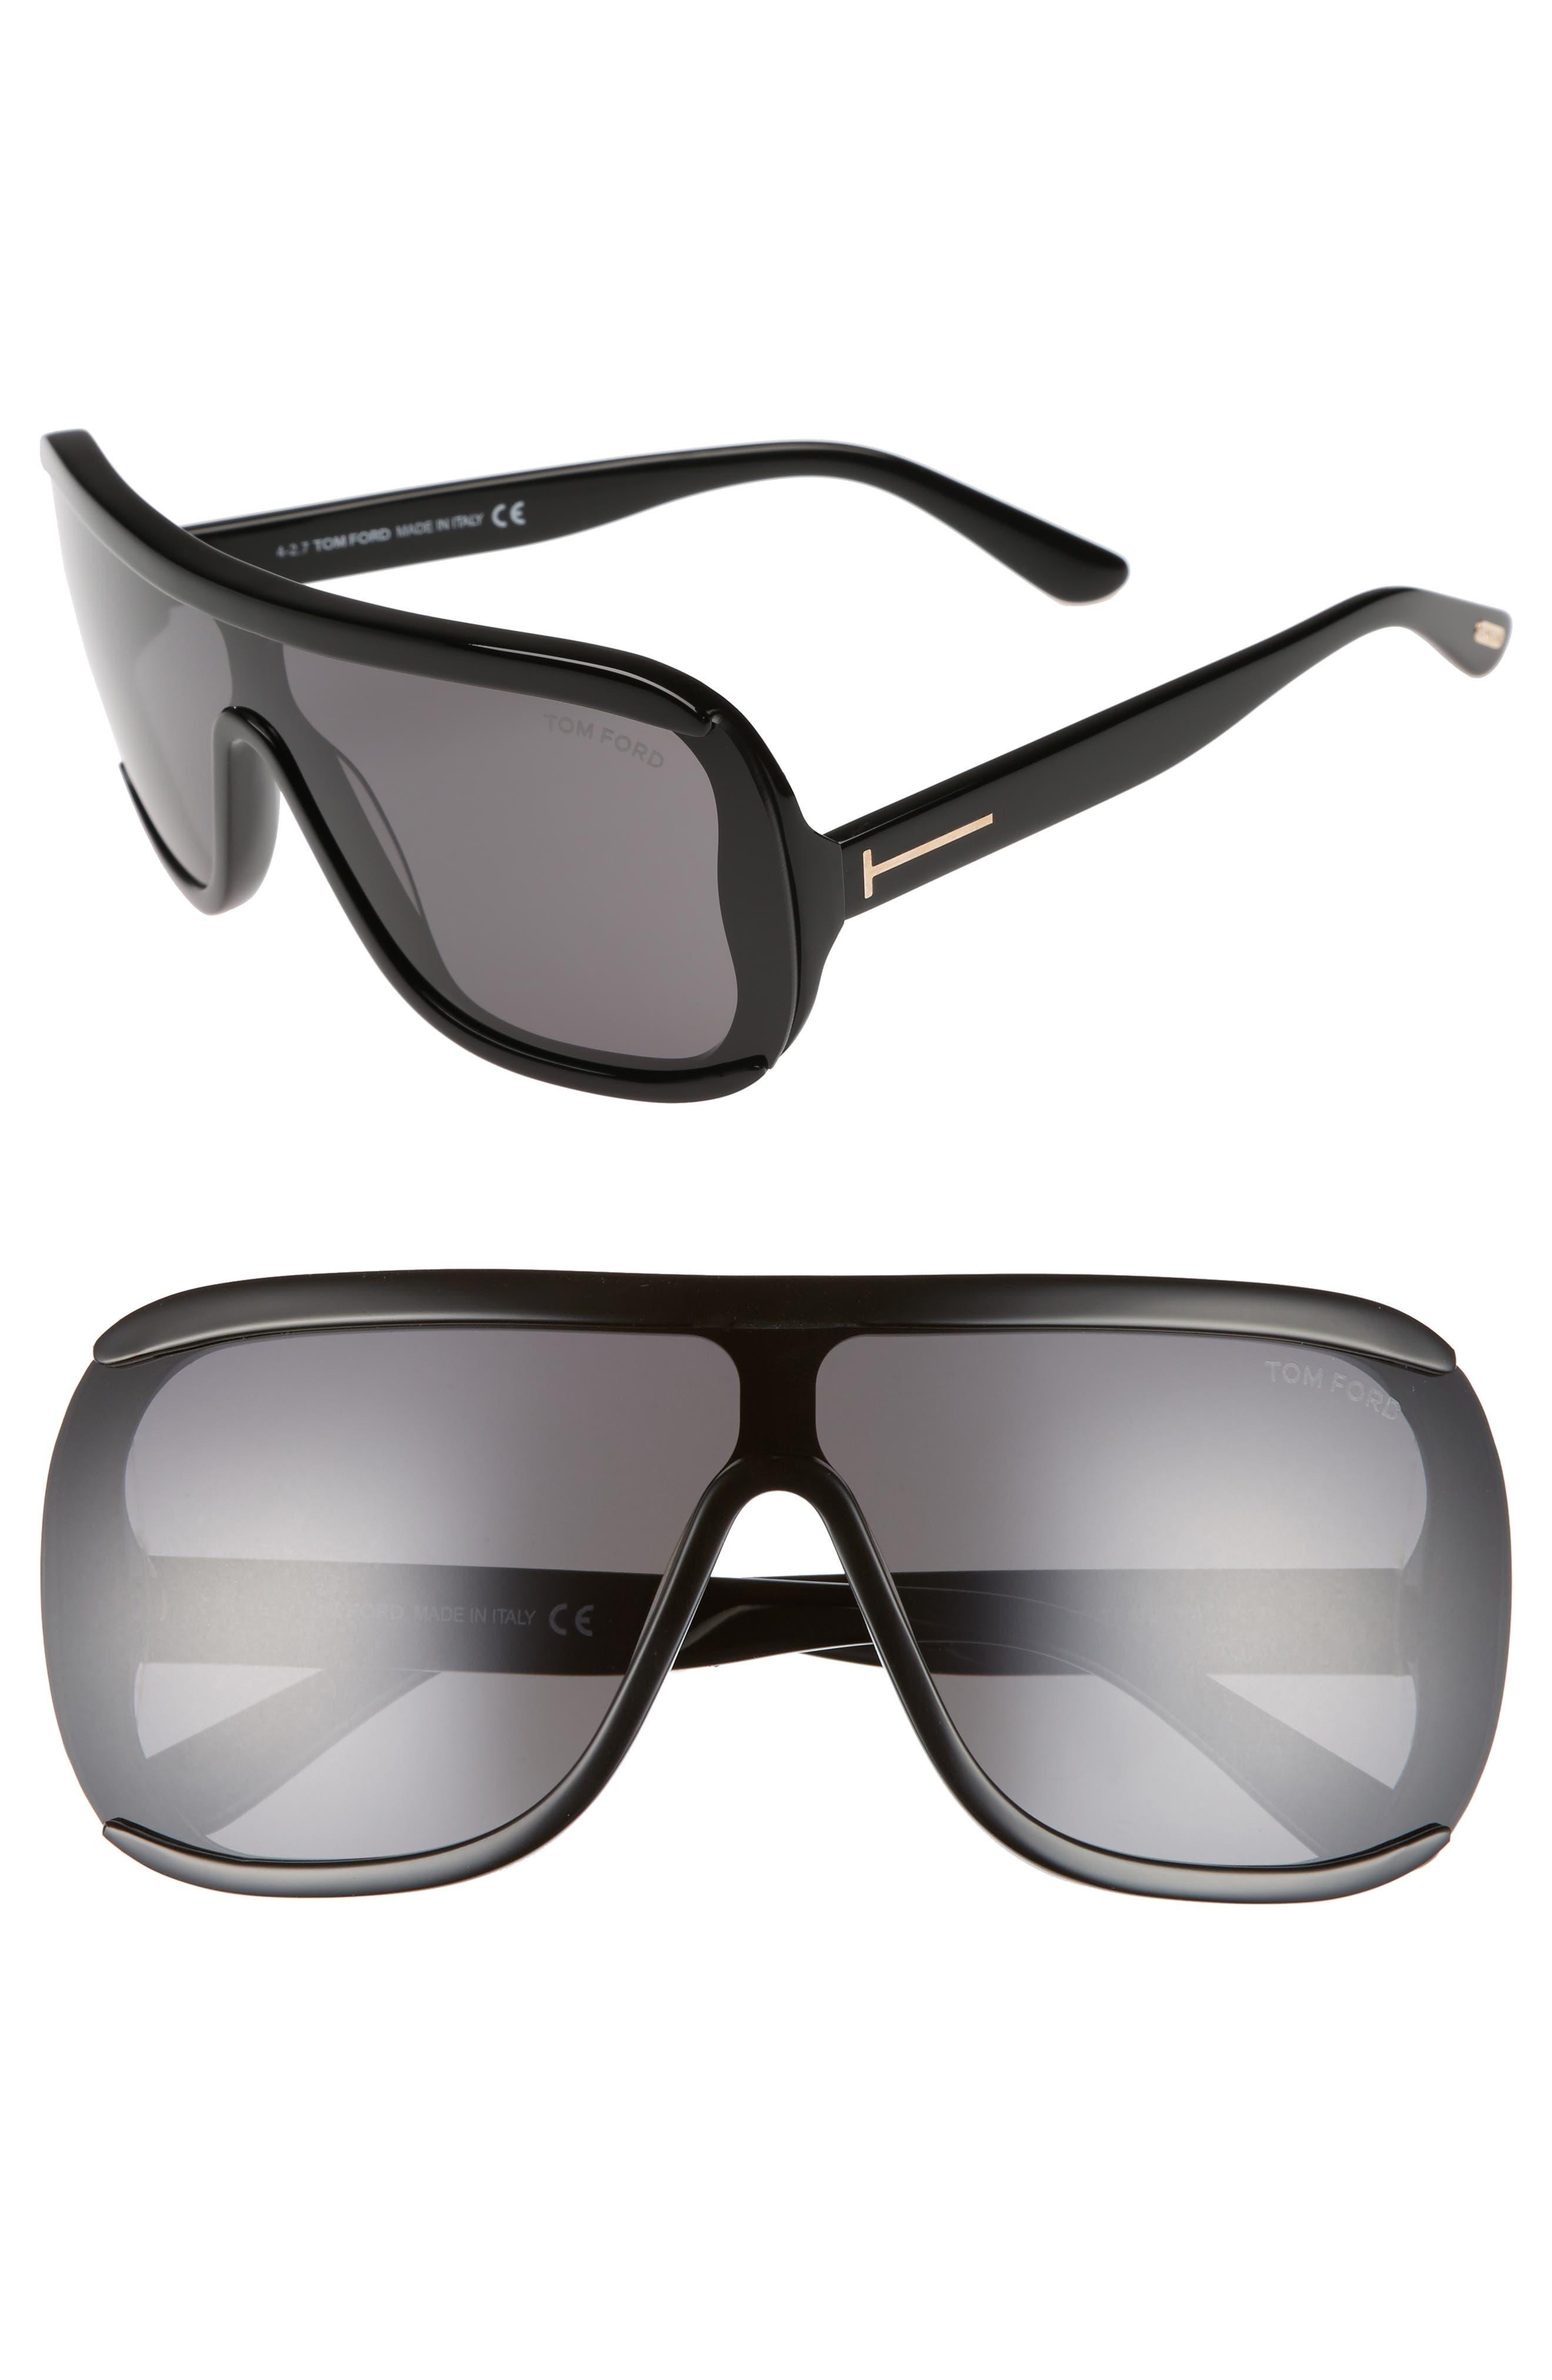 TOM FORD Porfirio 65mm One-Piece Lens Shield Sunglasses, Main, color, 001